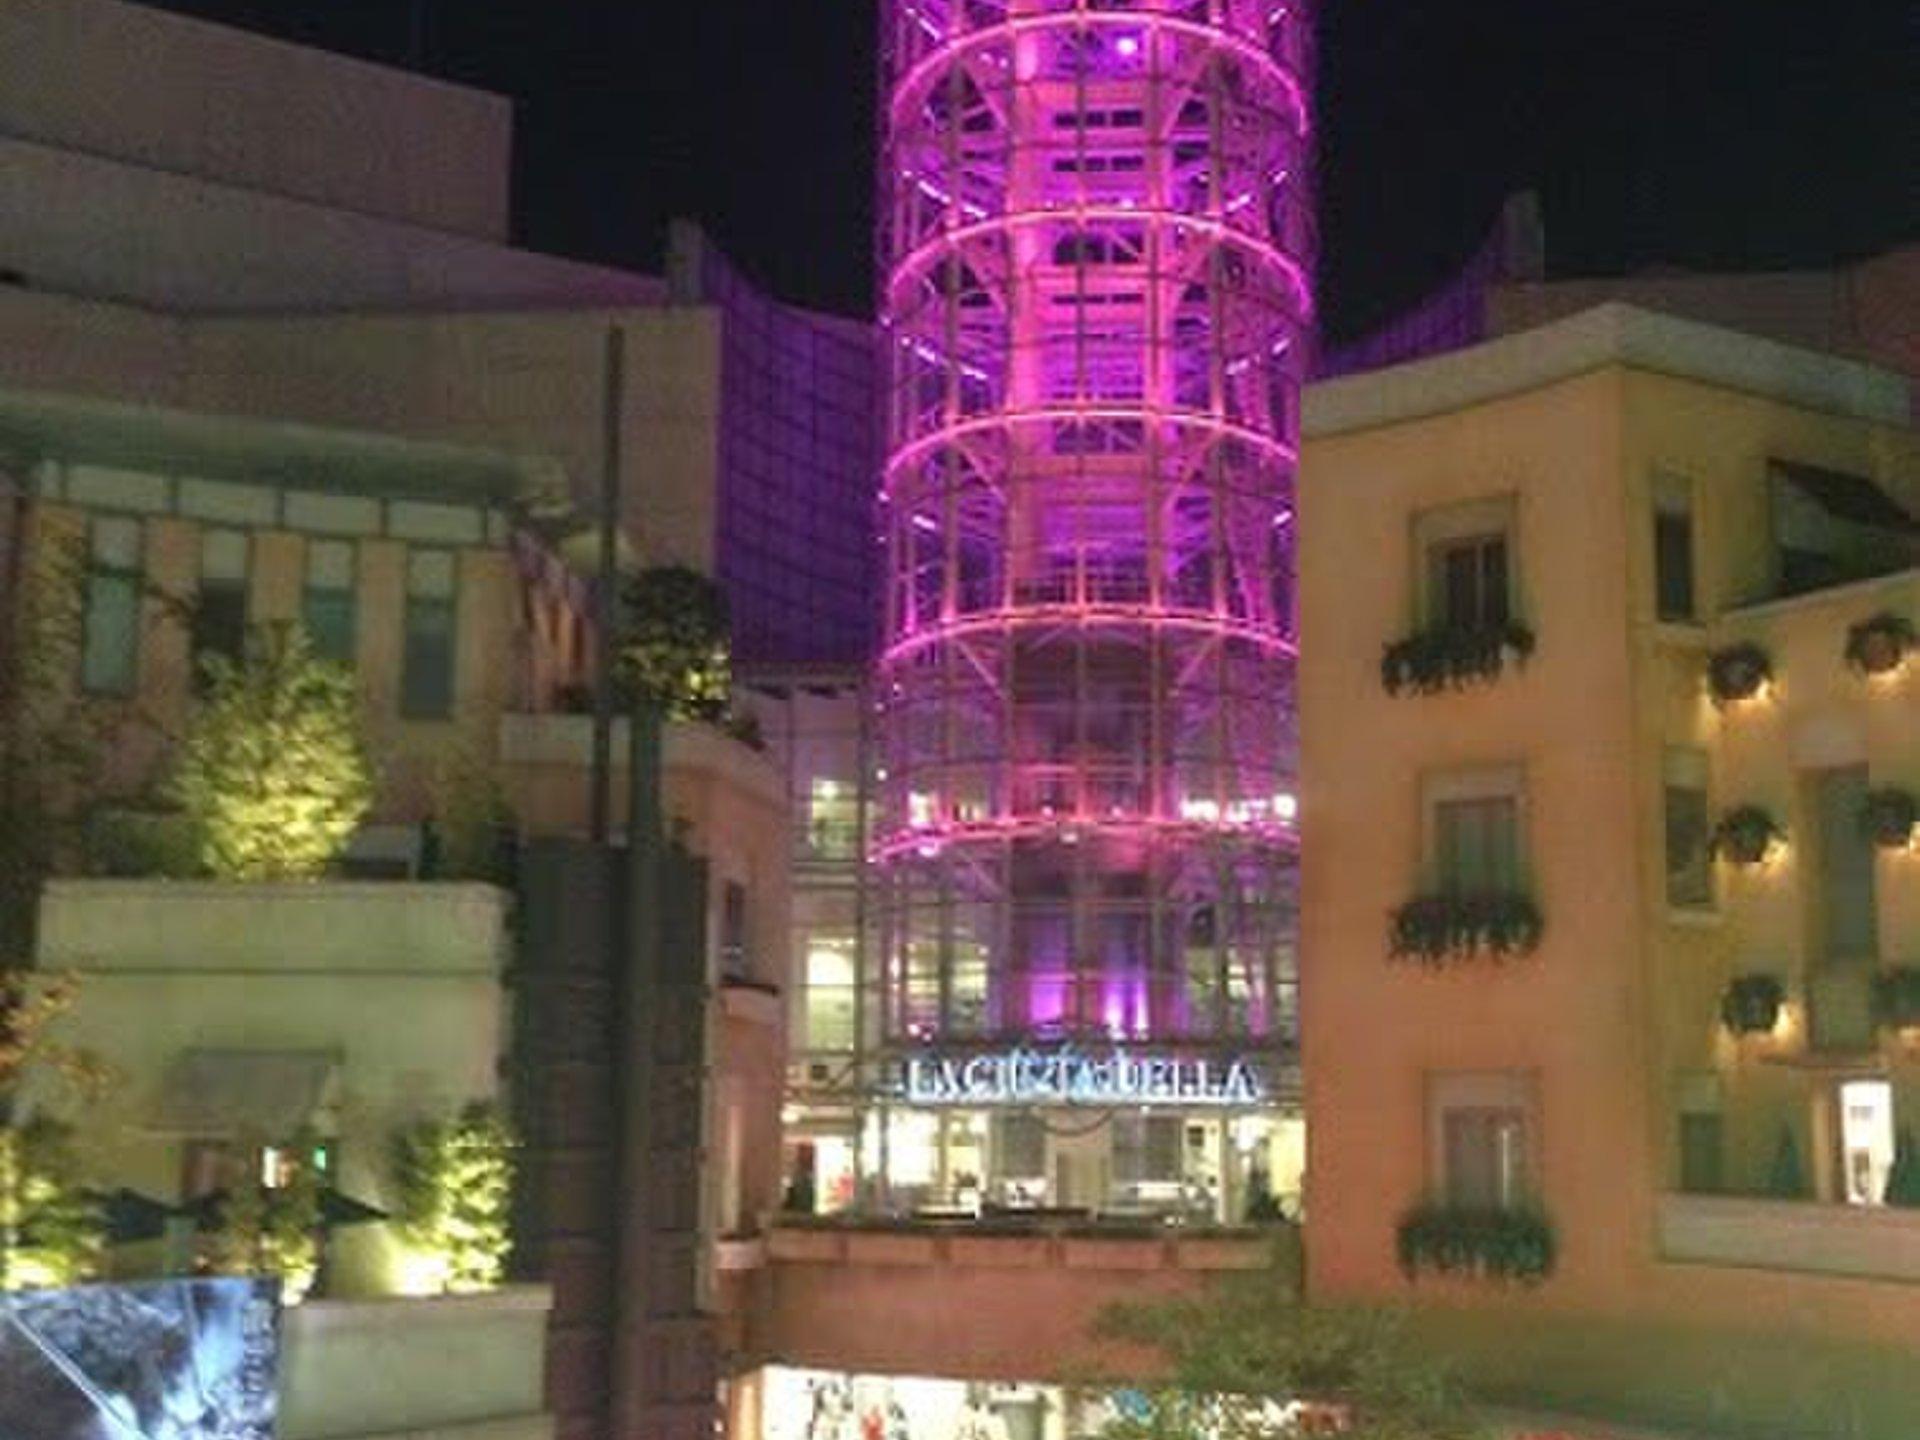 デートにおすすめプラン!川崎の映画館スポットを紹介!「チネチッタ」&「ラゾーナ」